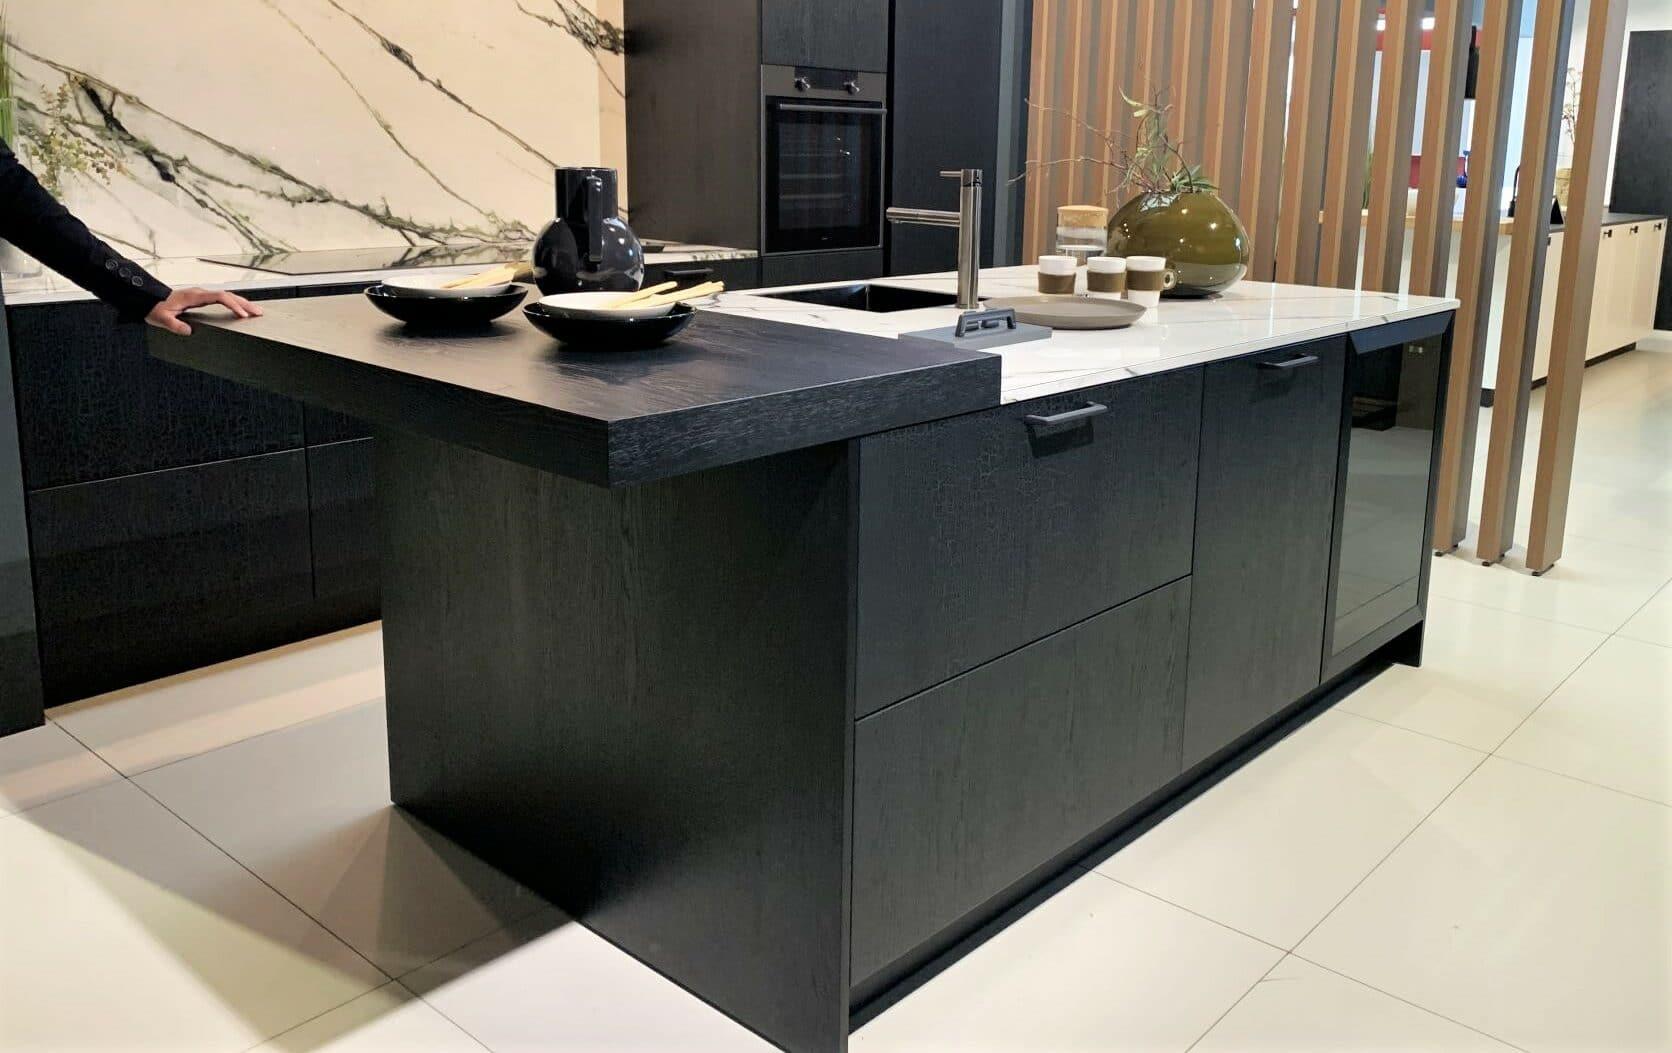 Die Küchentrends 2021: Echtholz, Korpushöhen und Home Office